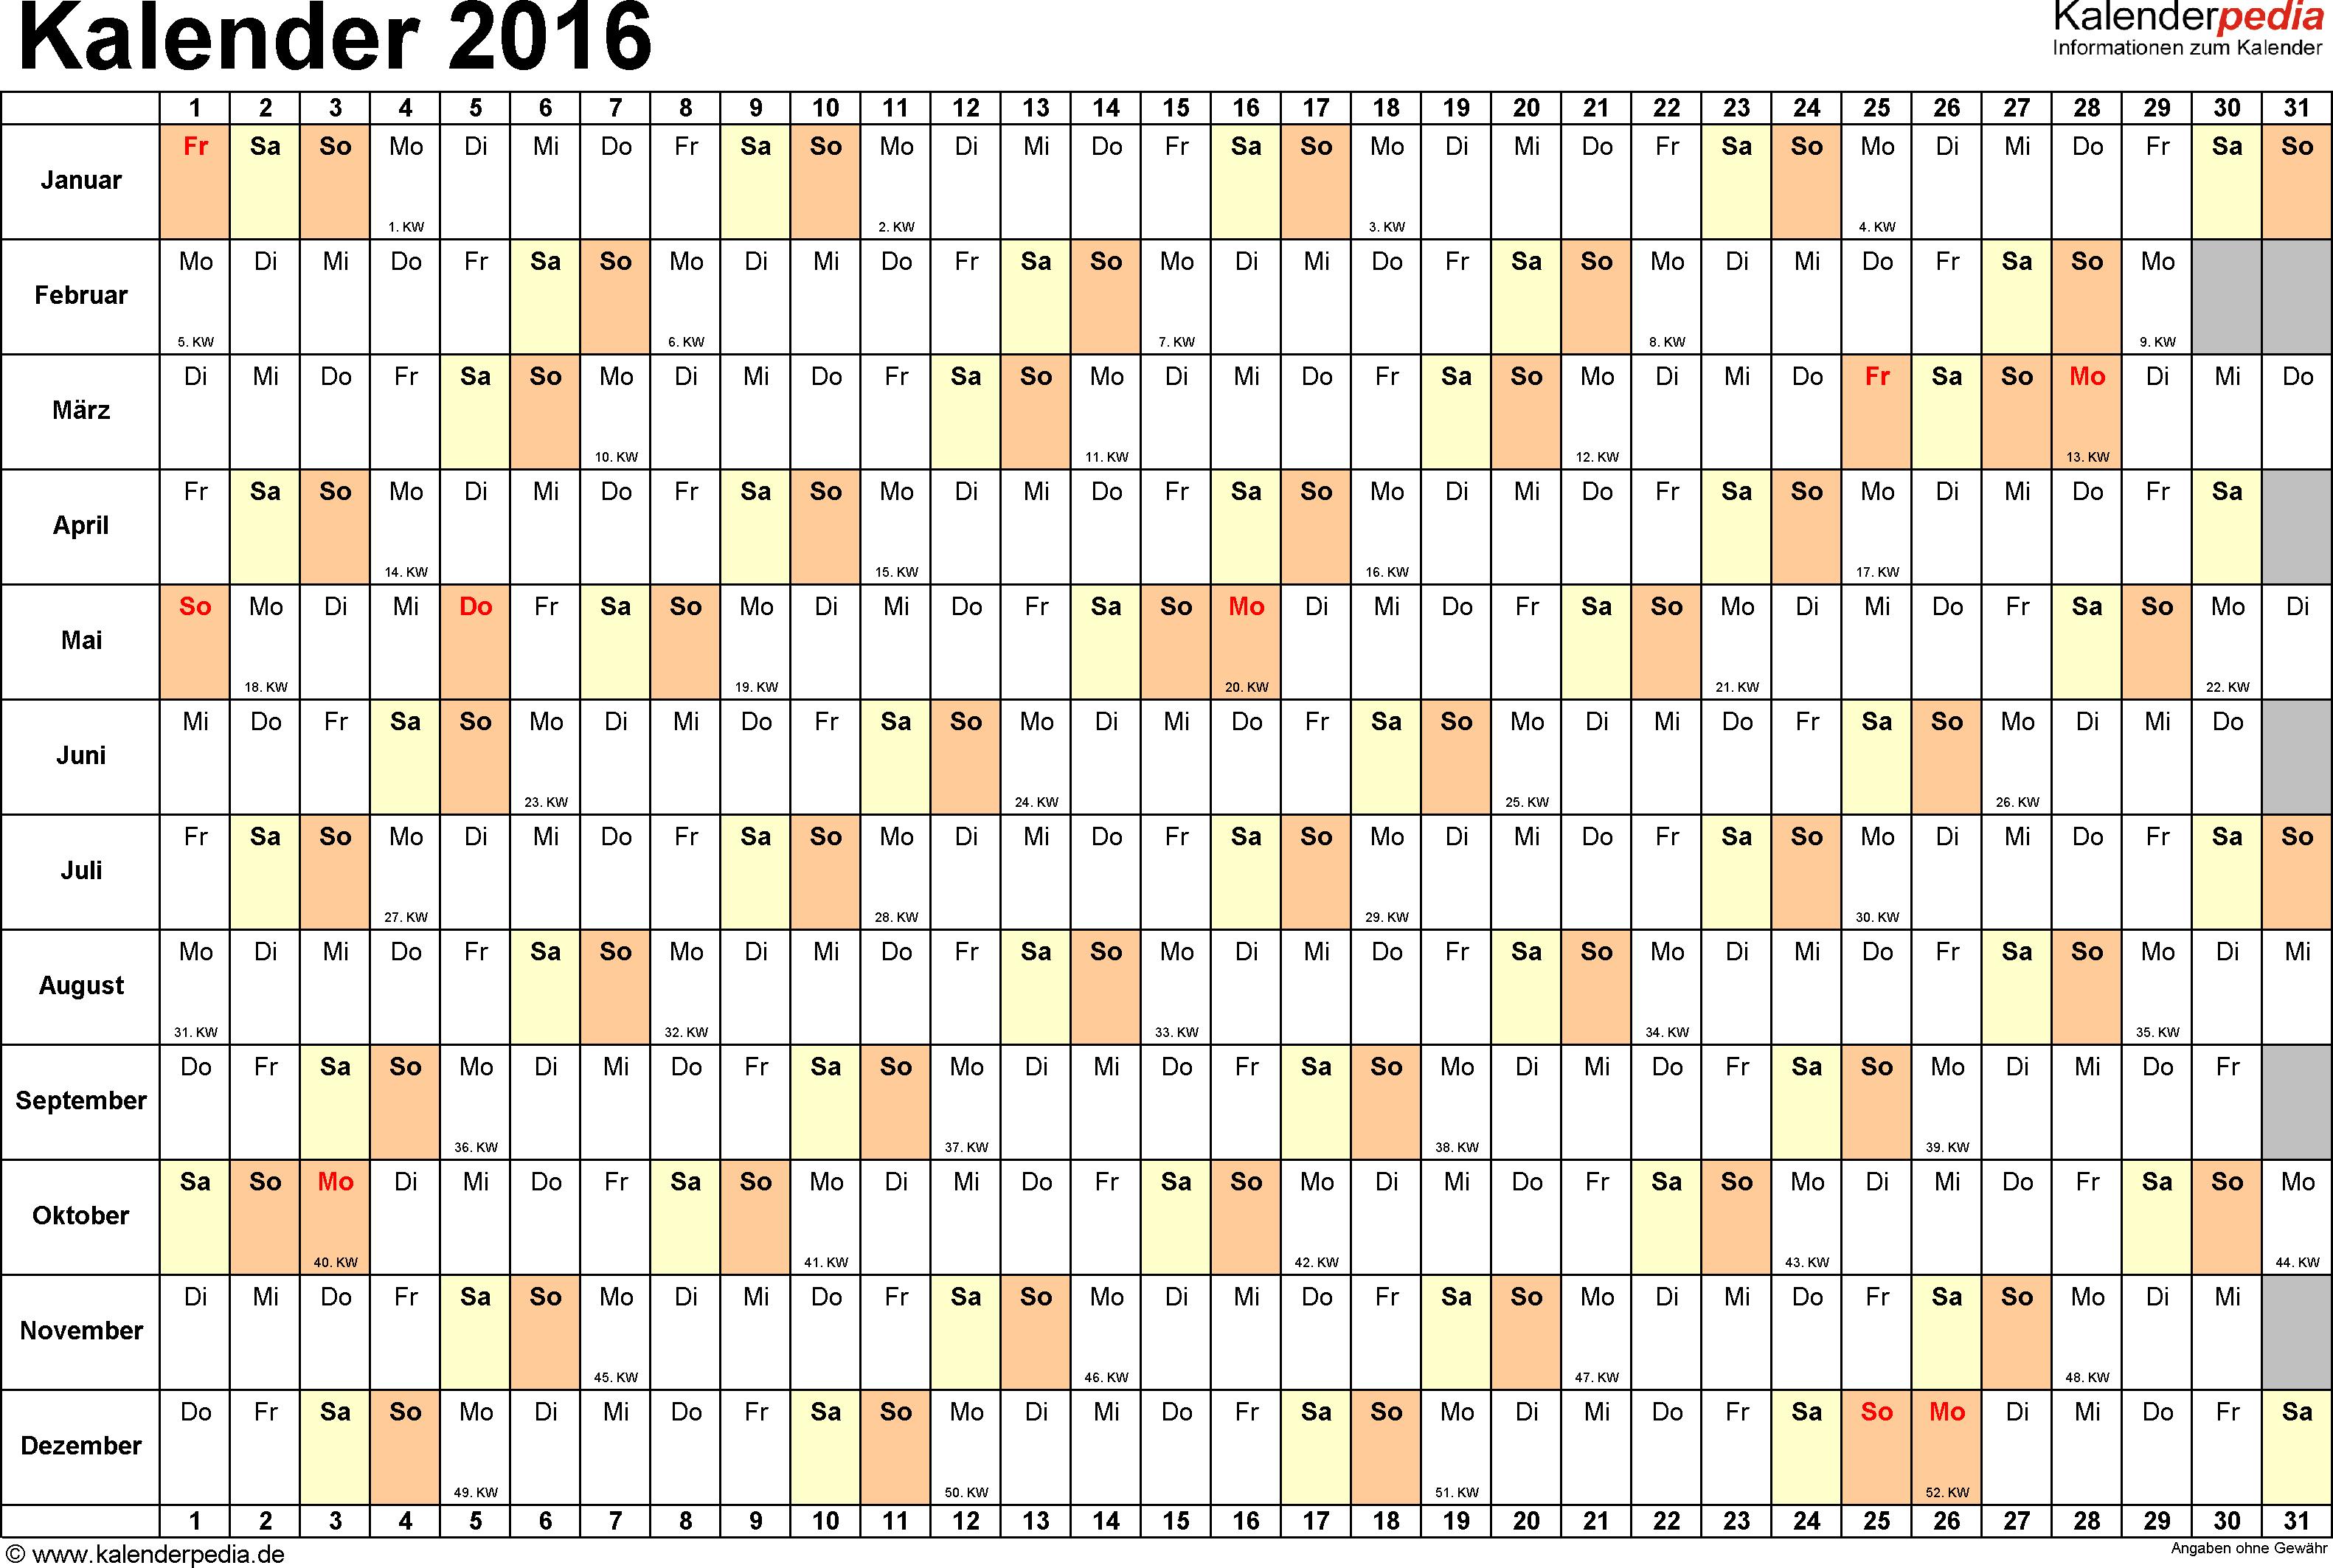 Vorlage 6: Kalender 2016 für Excel, Querformat, 1 Seite, Tage nebeneinander